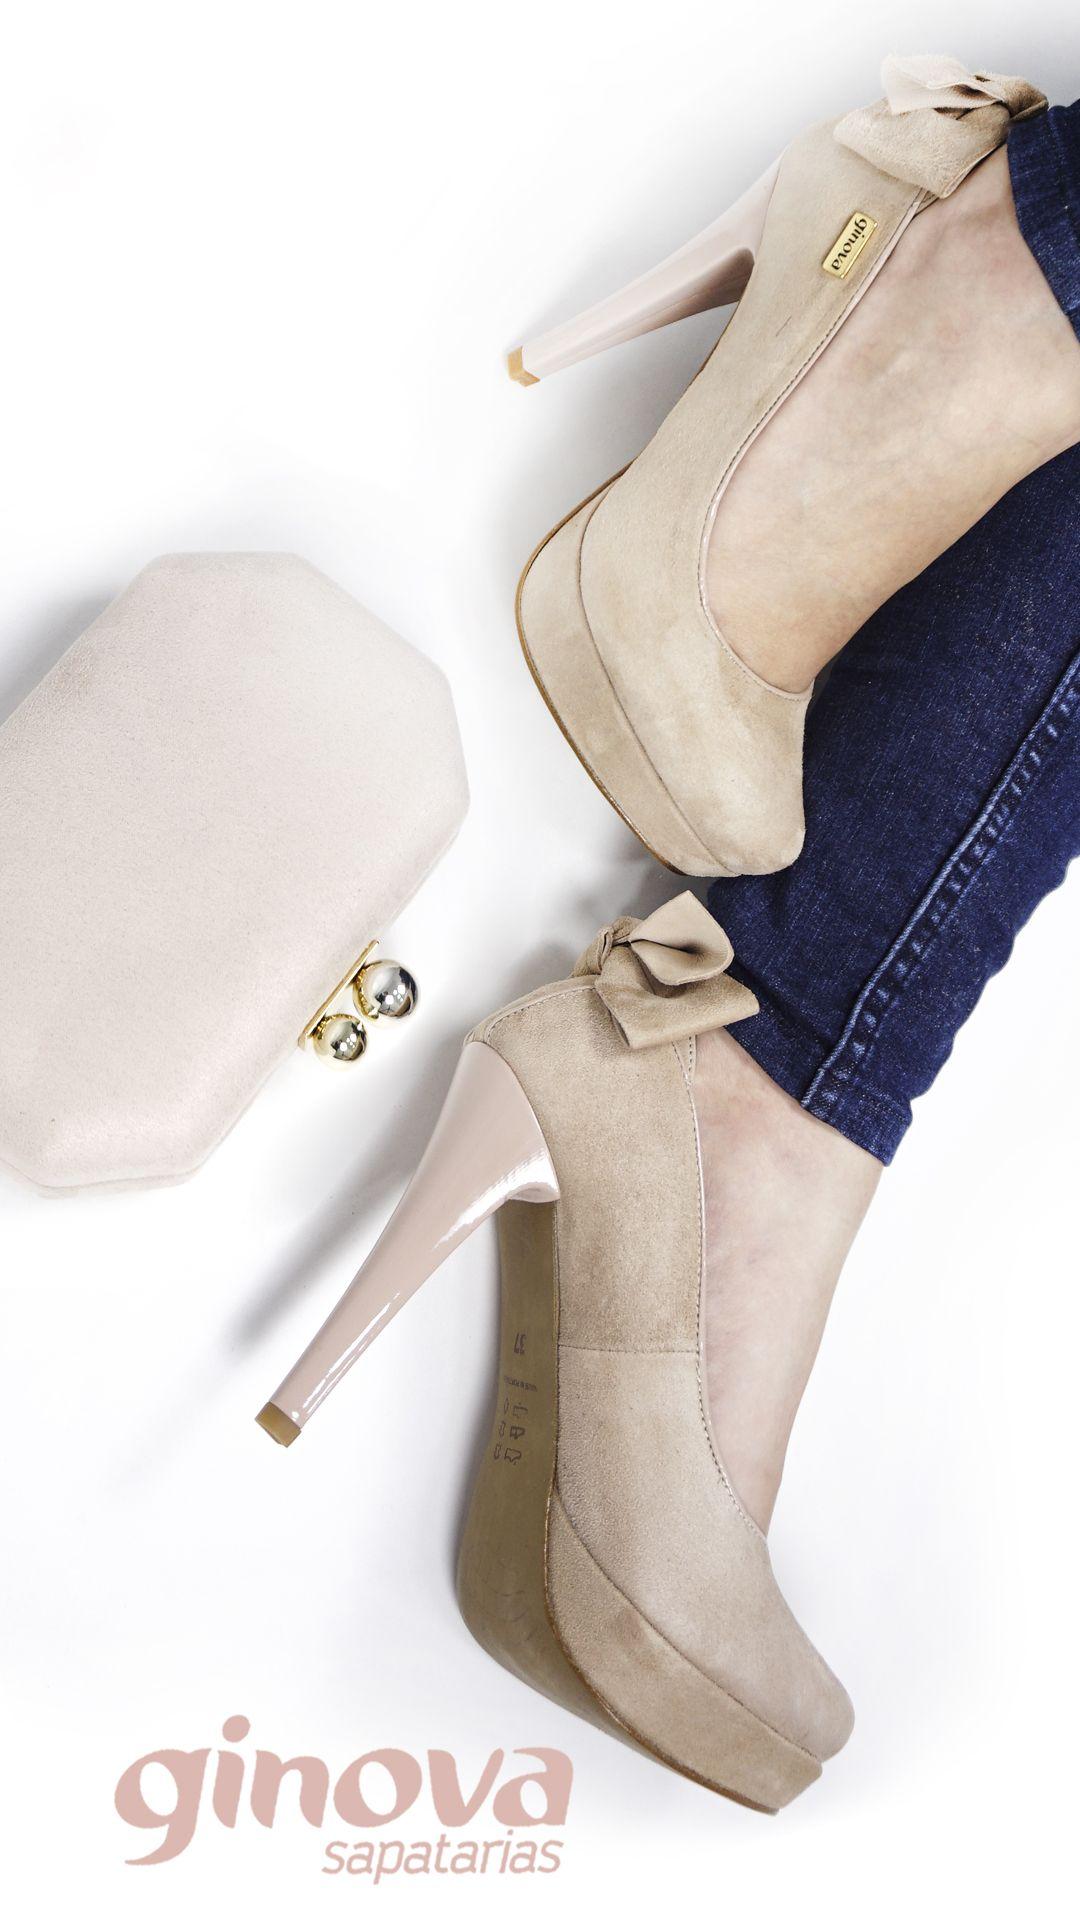 0d7a5cfcf #sapatos #portugal #calçado #fabricadoemportugal #pele #ginova #sapatarias  #sapataria